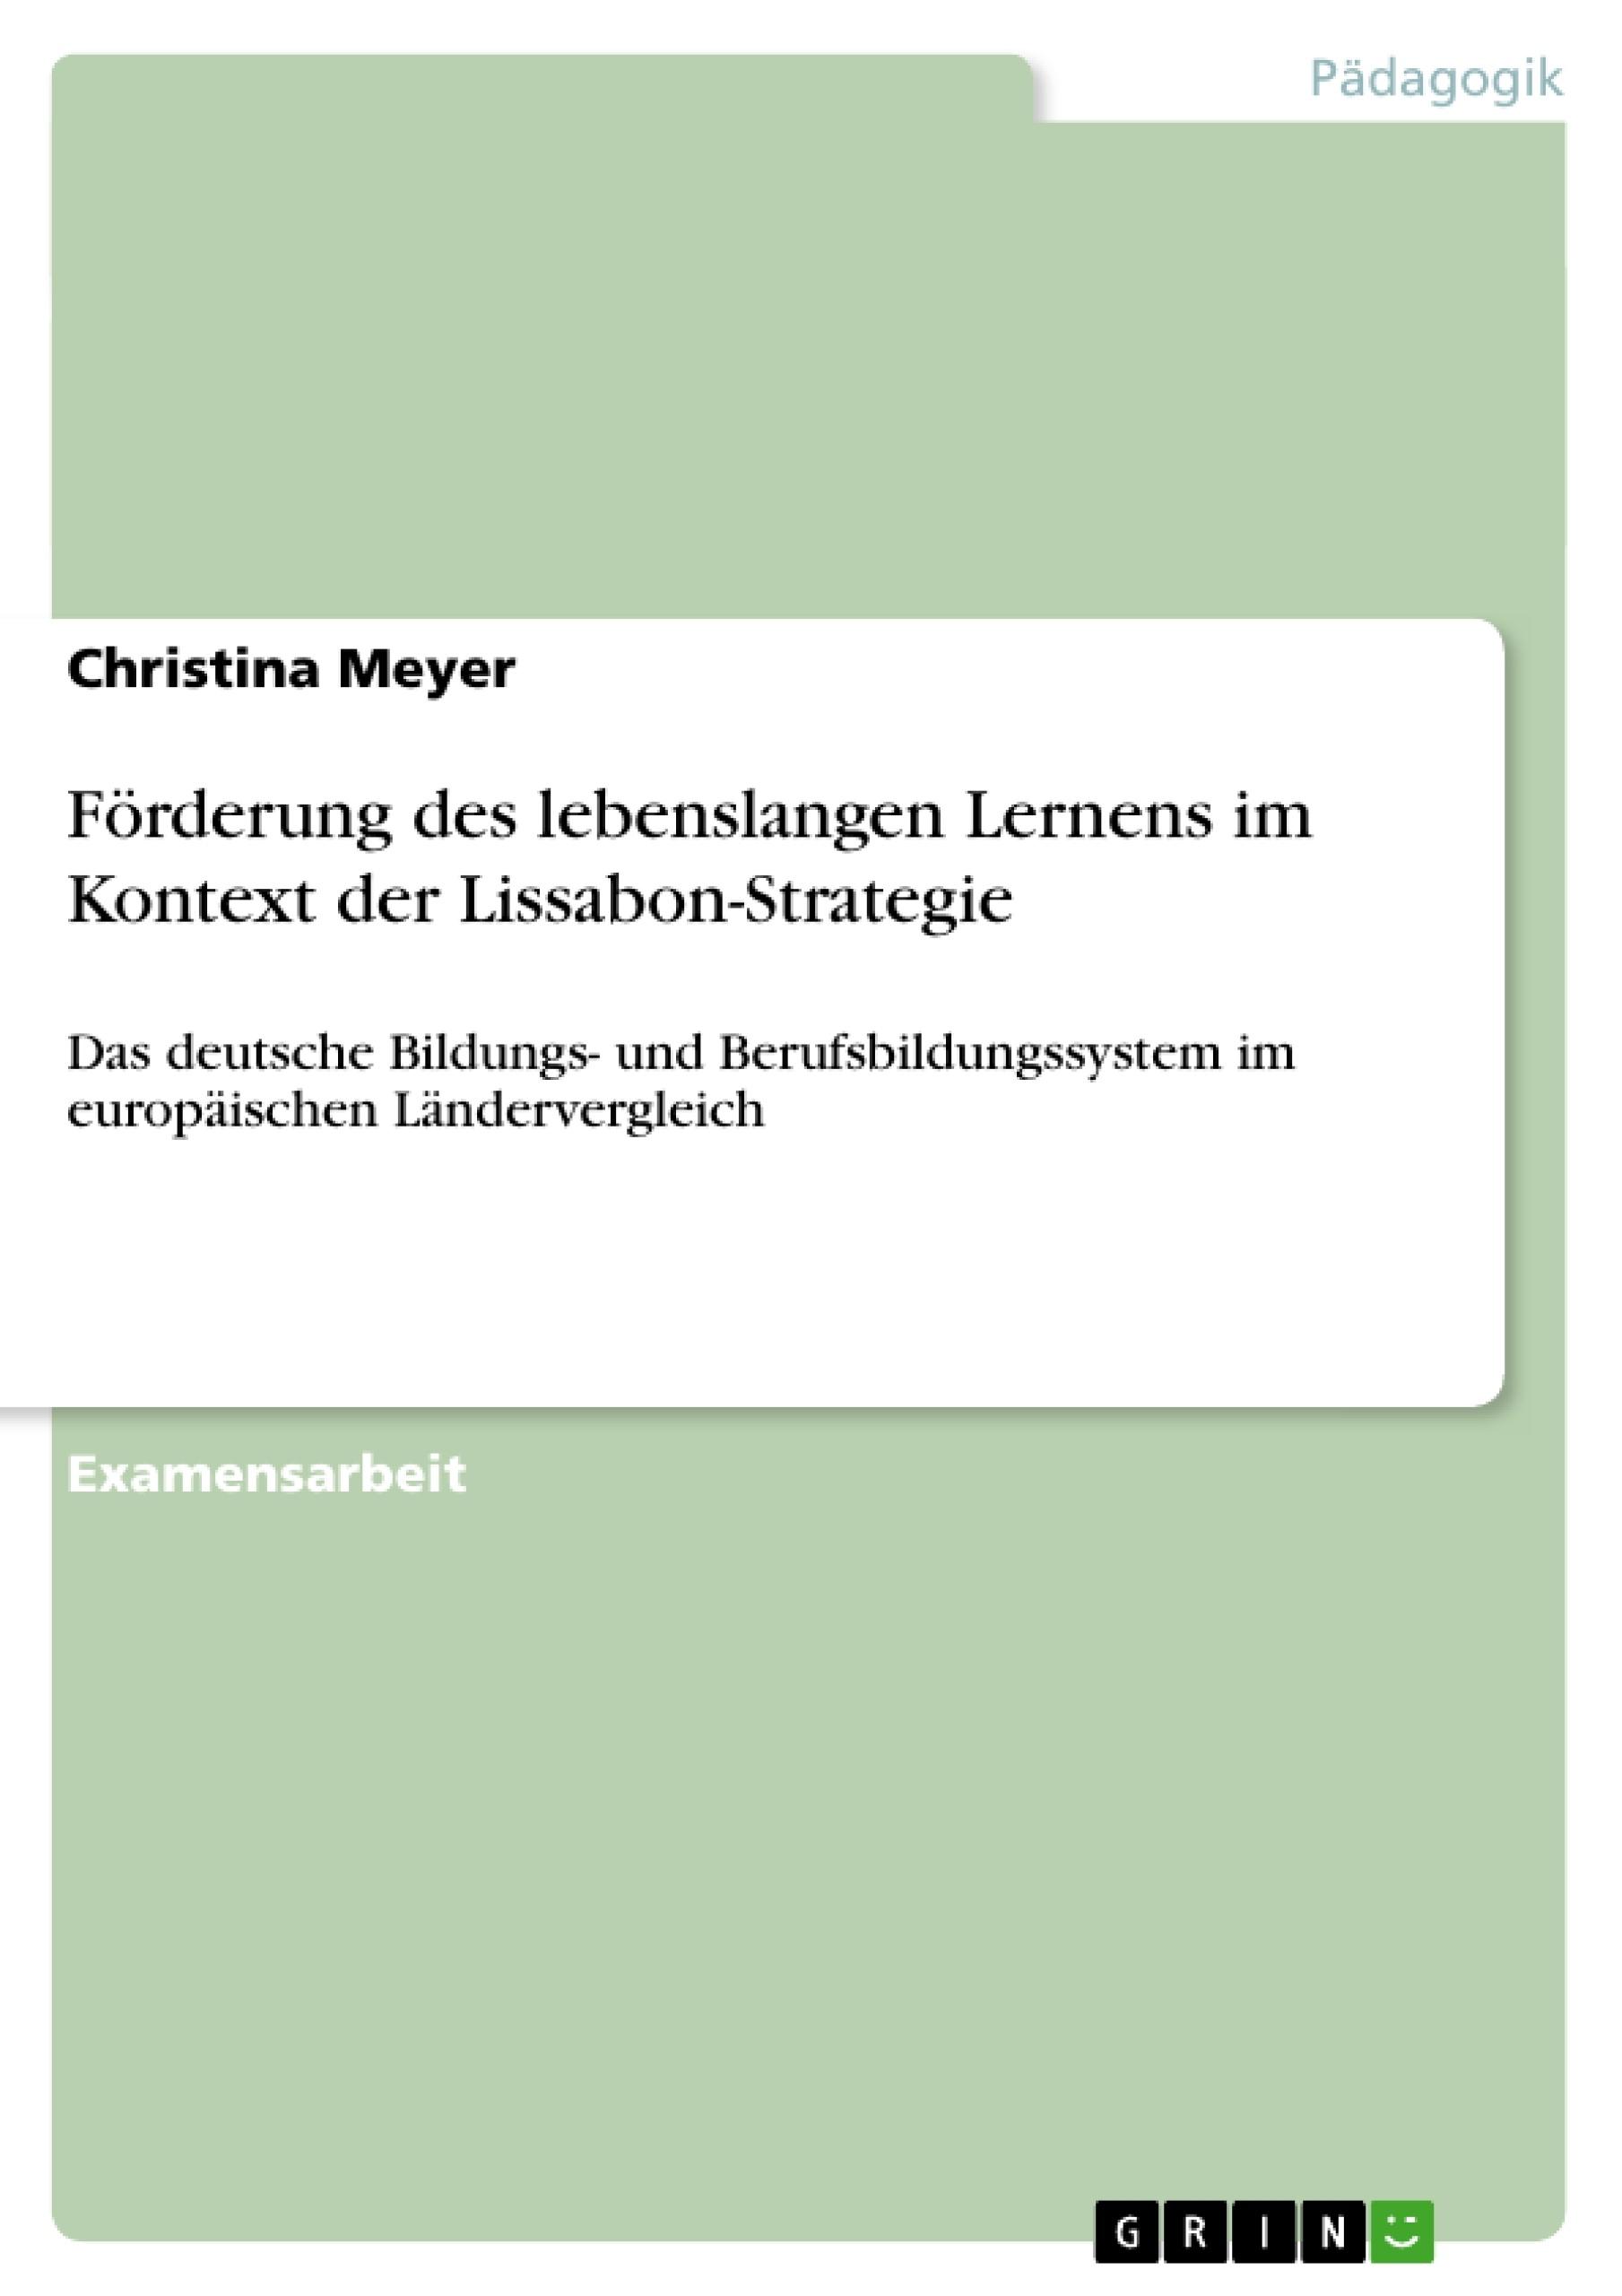 Titel: Förderung des lebenslangen Lernens im Kontext der Lissabon-Strategie